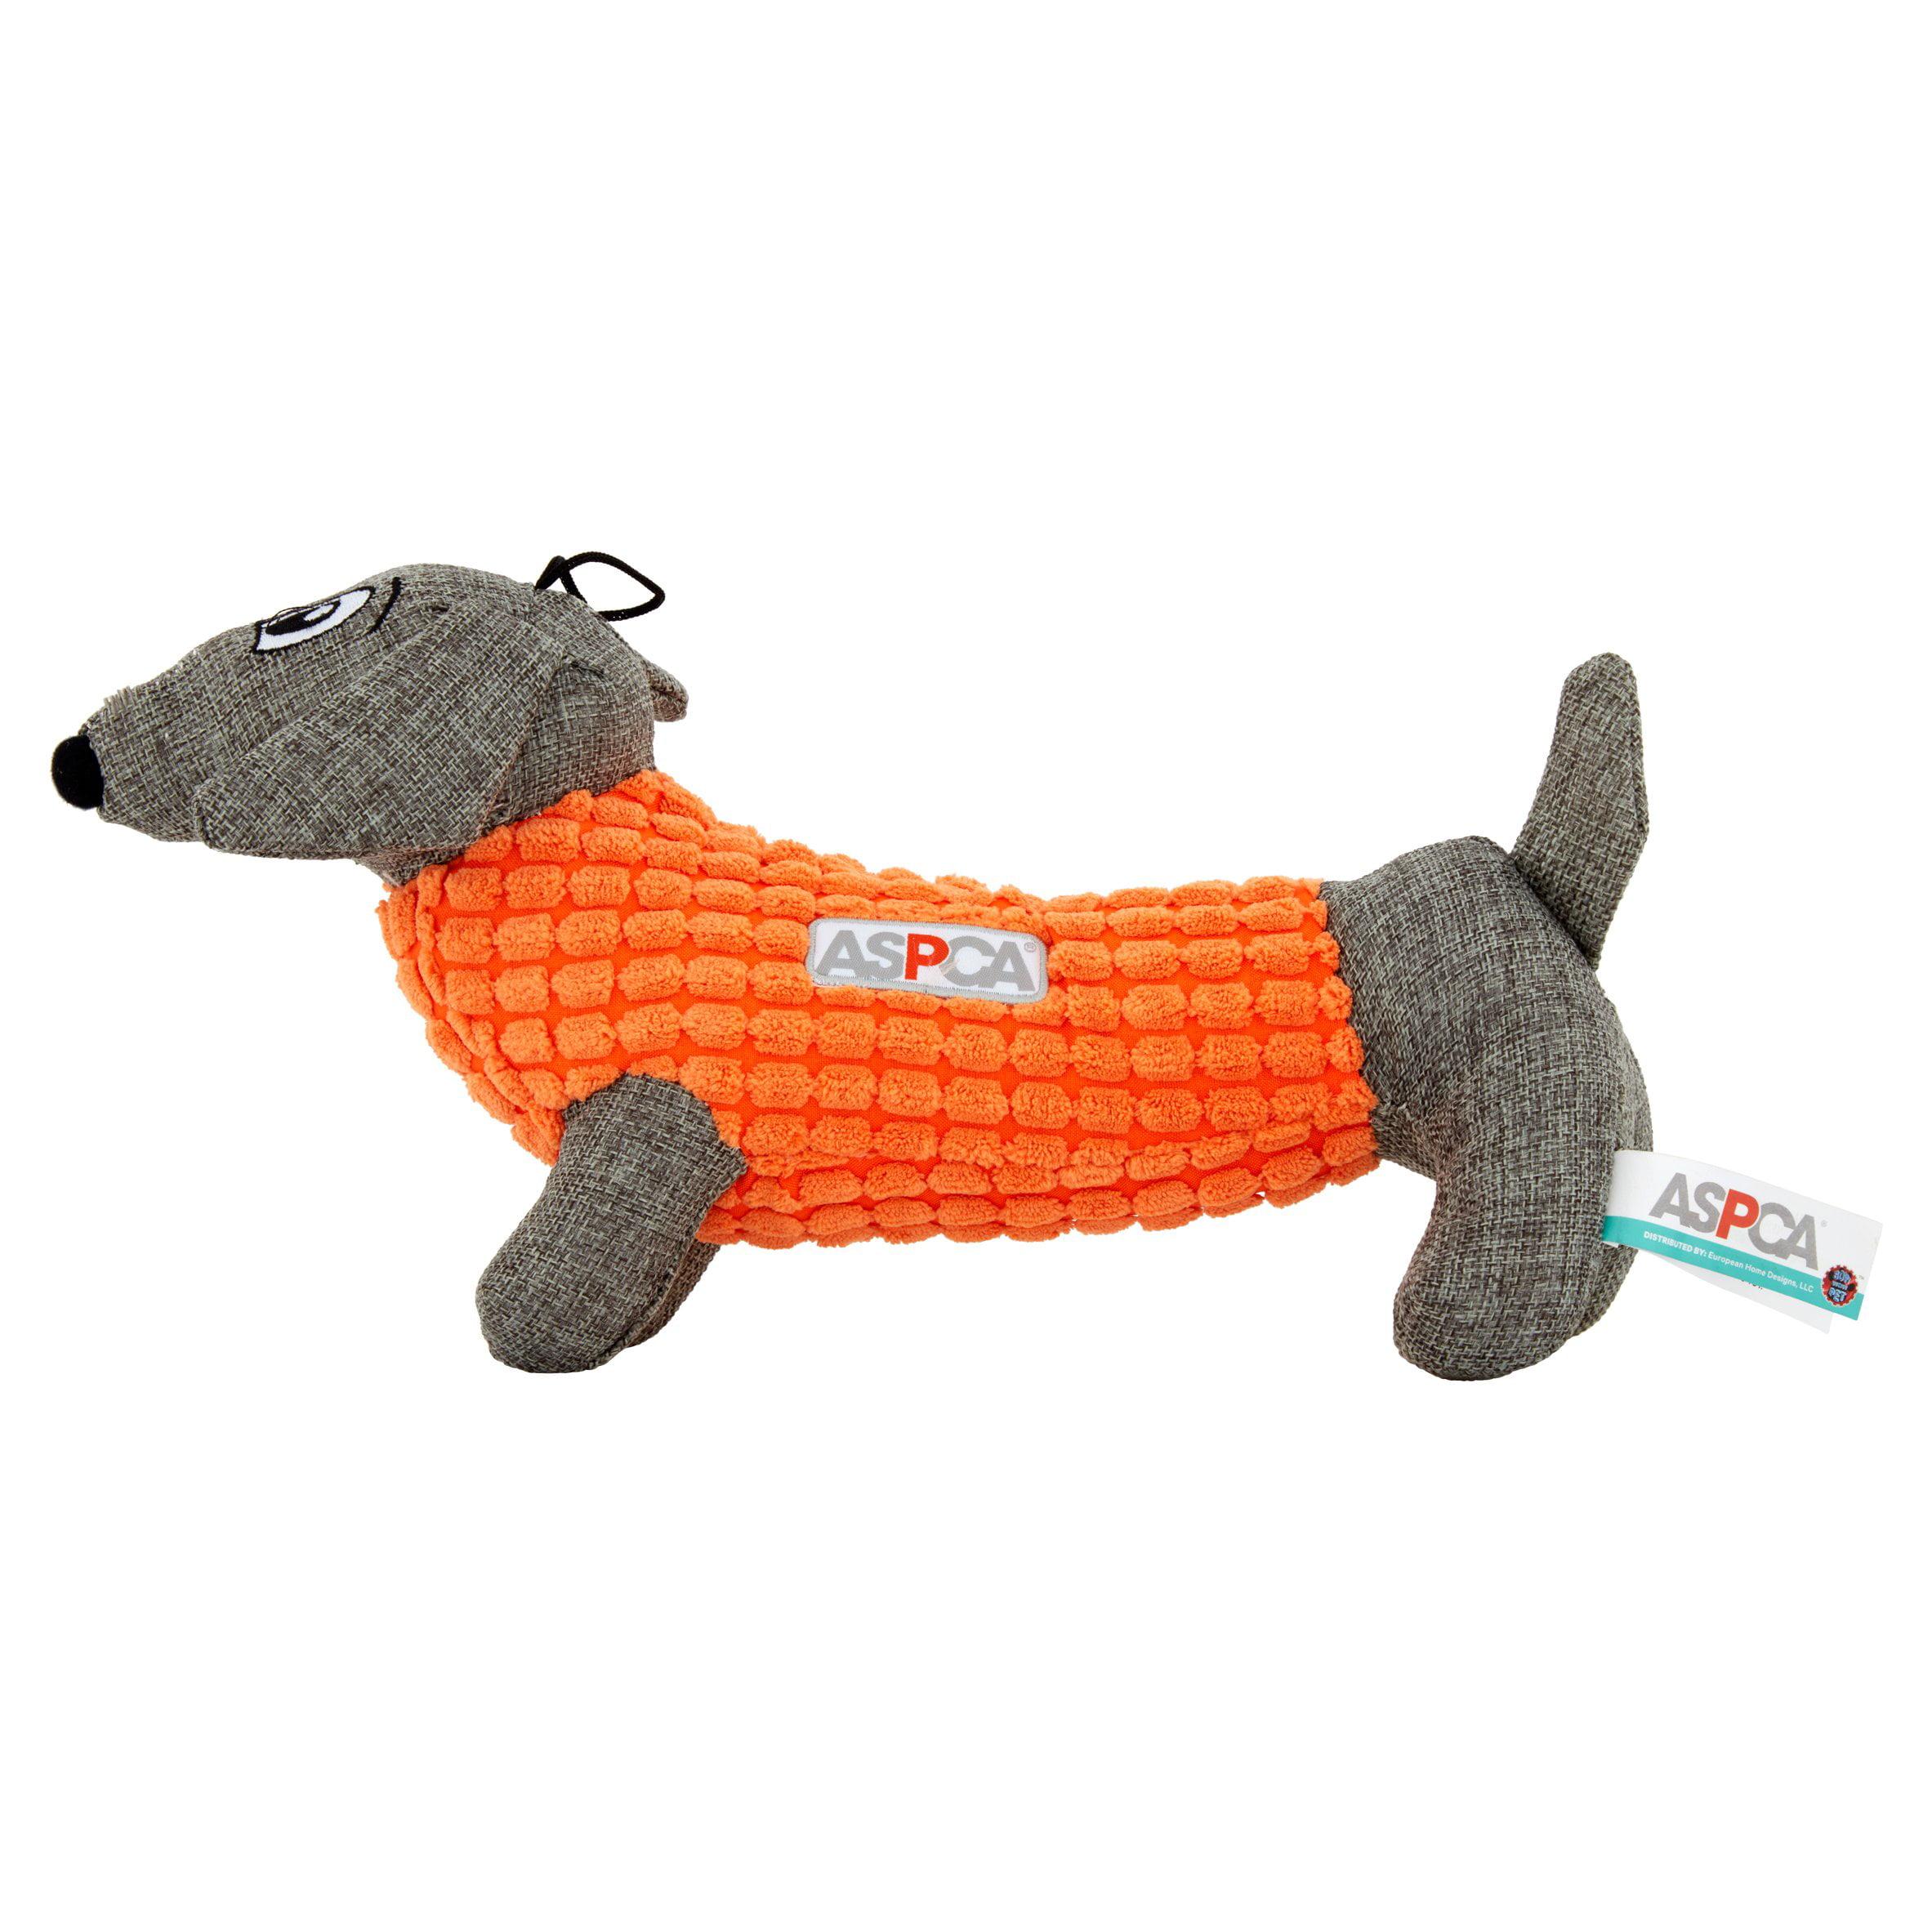 ASPCA Blue Burlap & Pixel Dachshund Dog Toy by European Home Designs, LLC